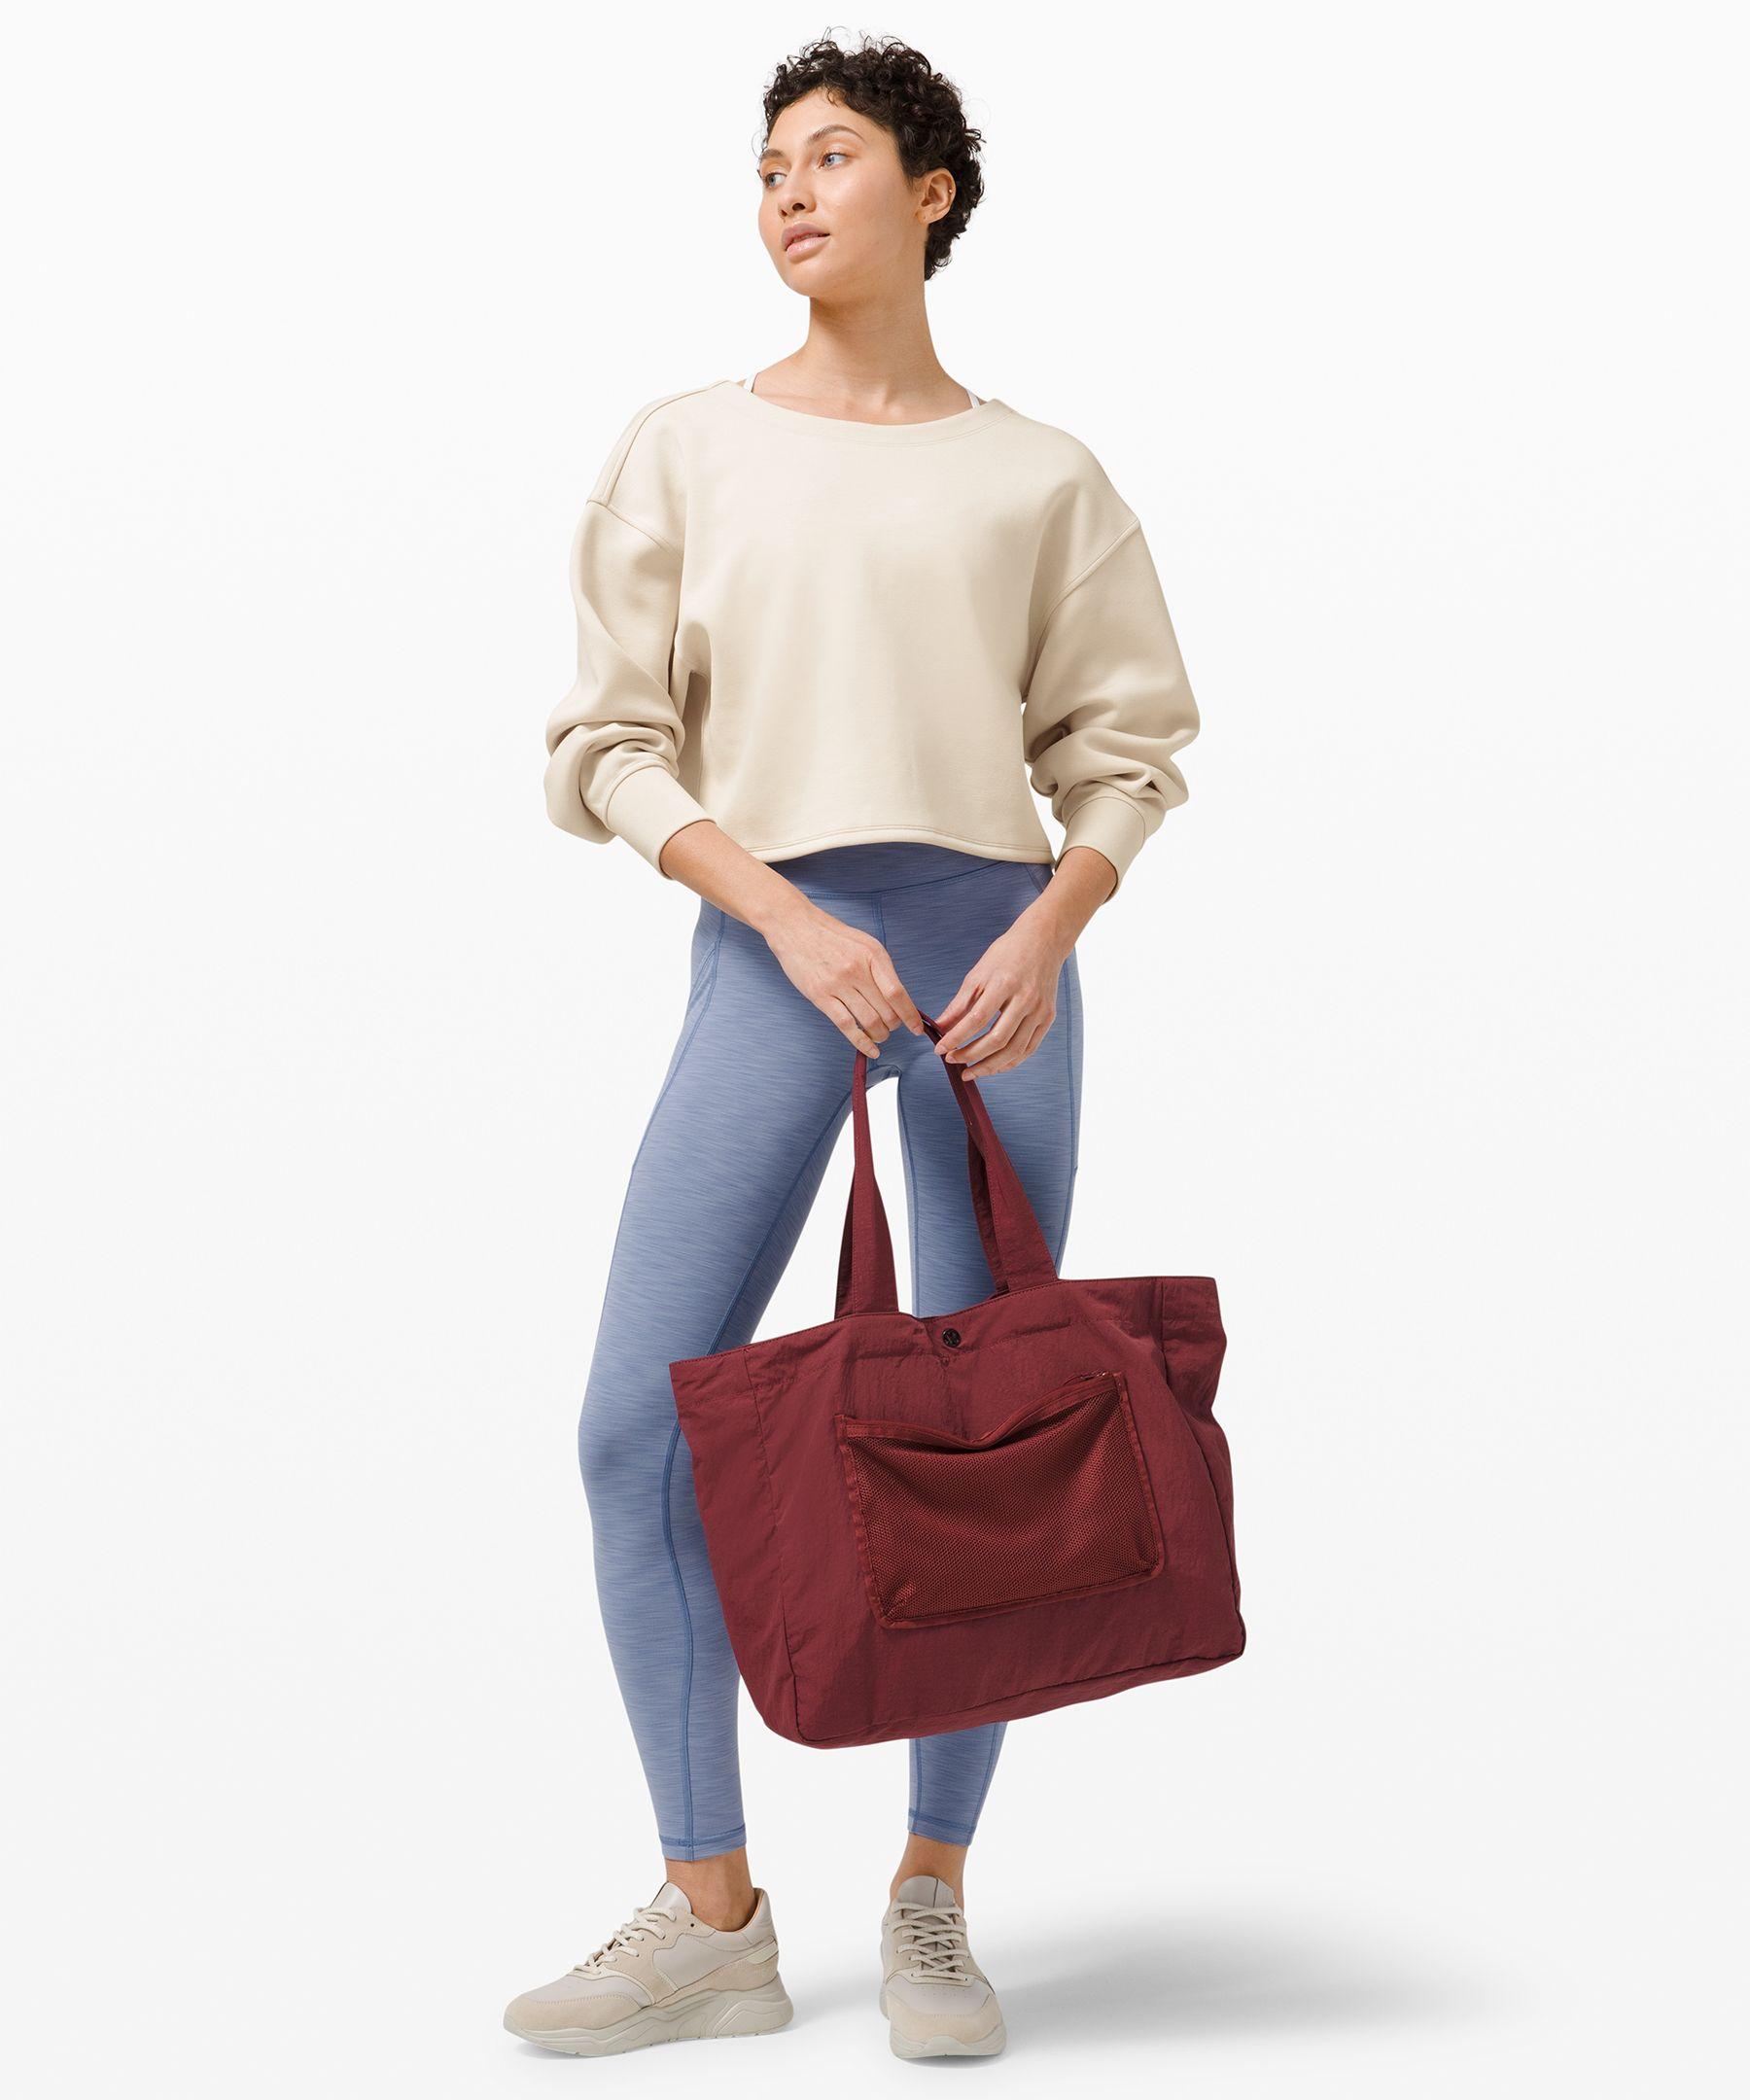 Pullover mit Twist, dessen Rückseite auch vorne getragen attraktiv aussieht